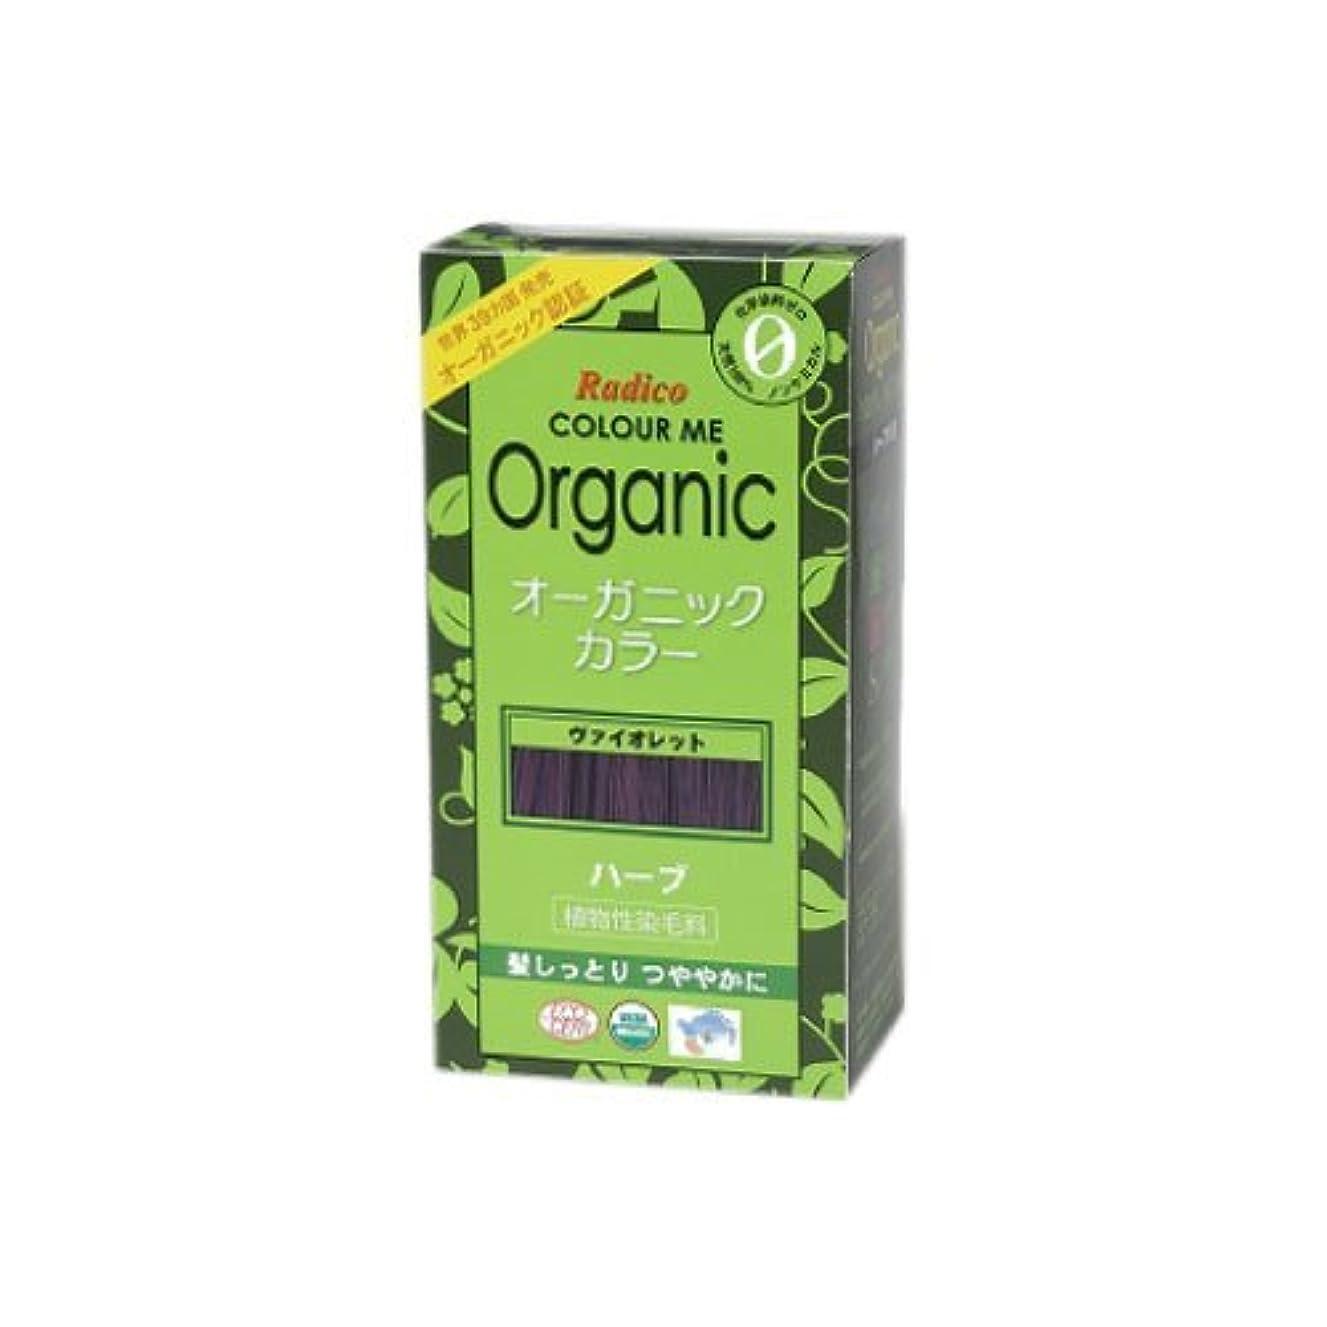 共同選択皮肉なビヨンCOLOURME Organic (カラーミーオーガニック ヘナ 白髪用 紫色) ヴァイオレット 100g